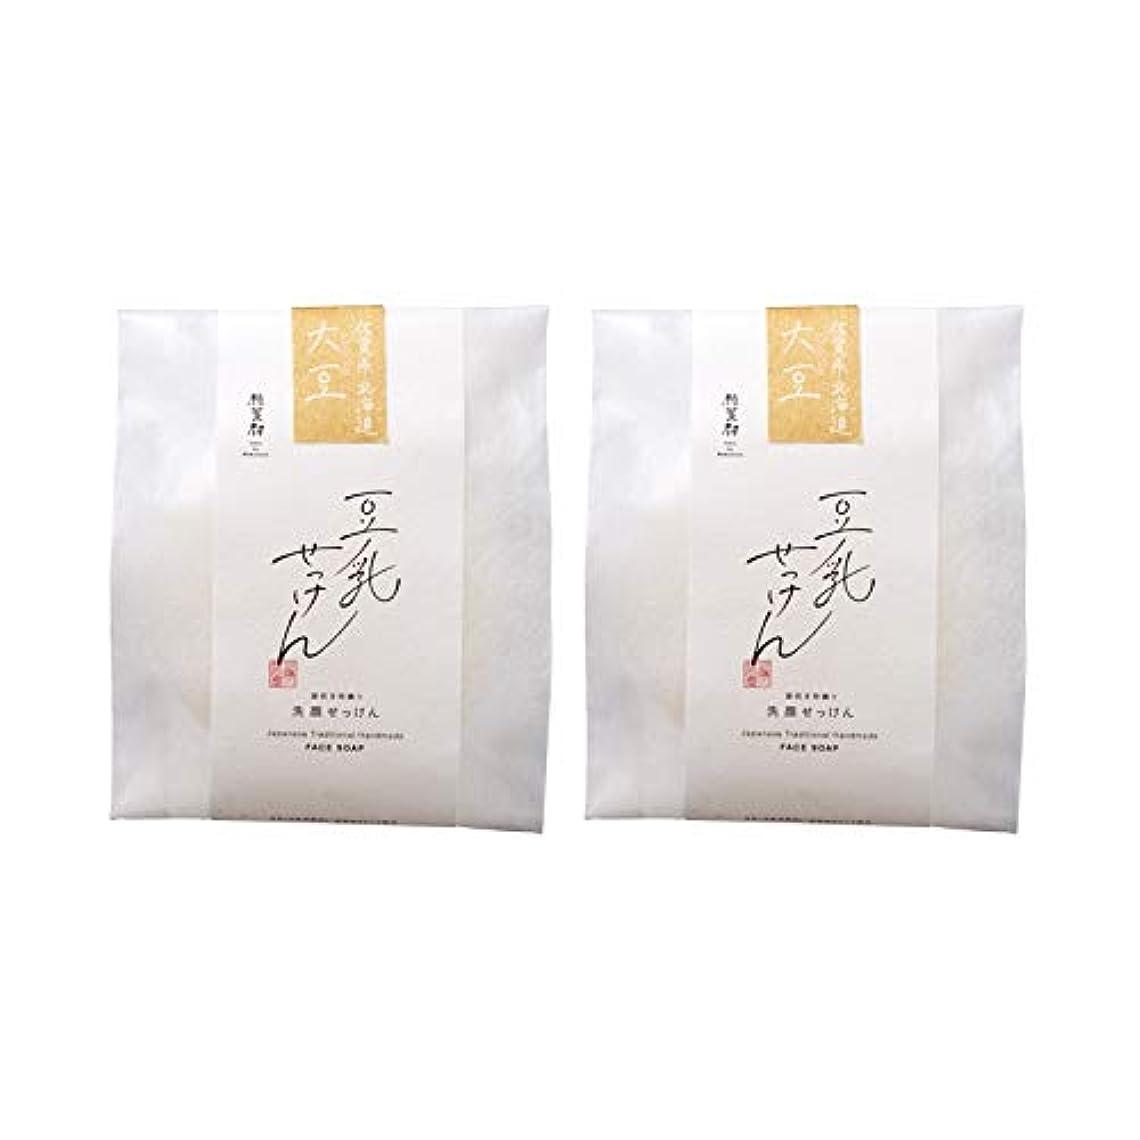 わな言語学アノイ豆腐の盛田屋 豆乳せっけん 自然生活 100g×2個セット